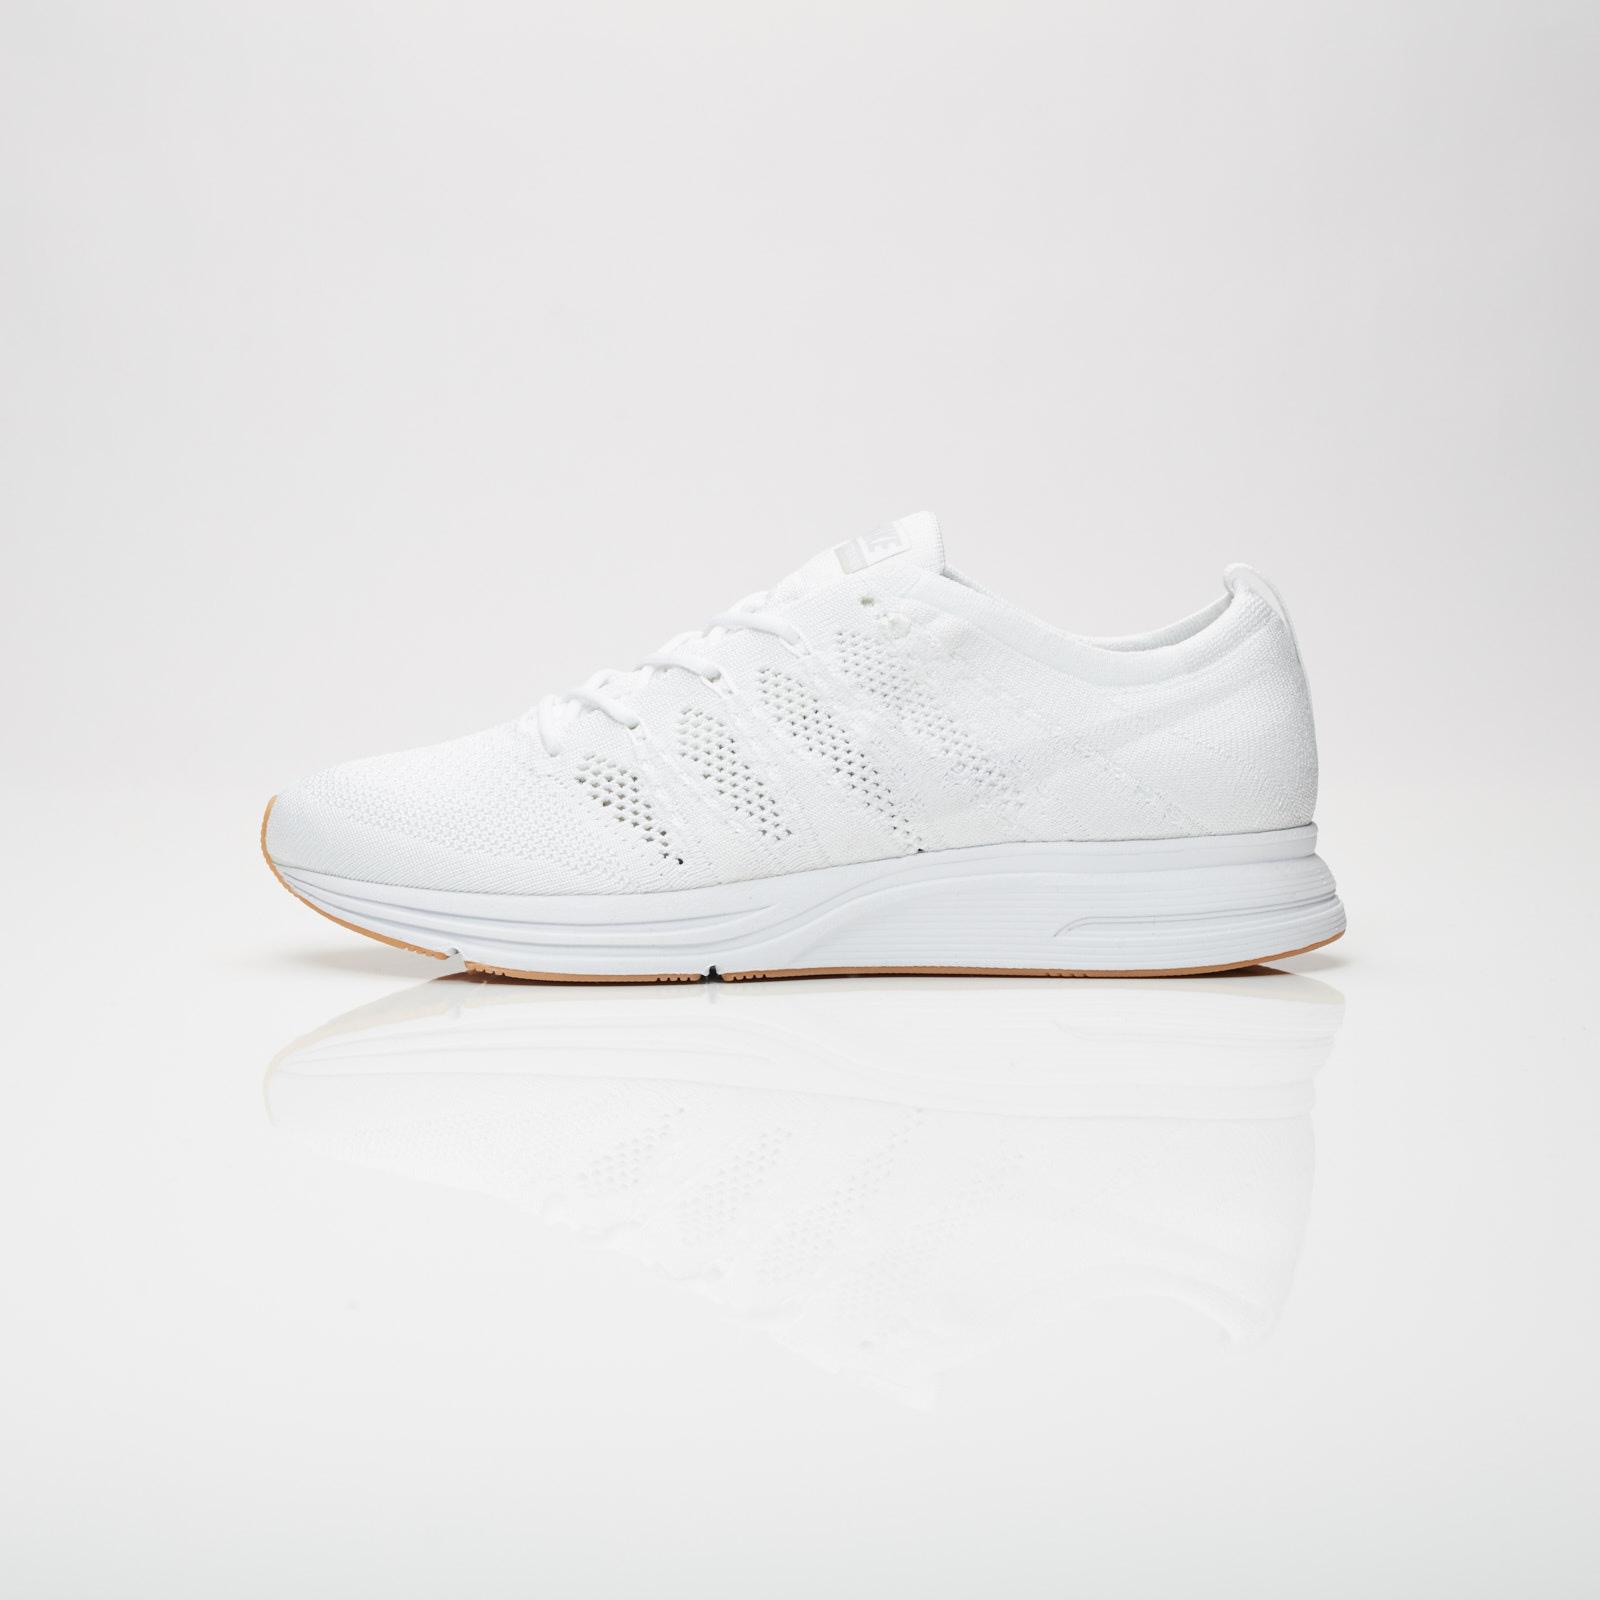 277d80bd28892 Nike Flyknit Trainer - Ah8396-102 - Sneakersnstuff